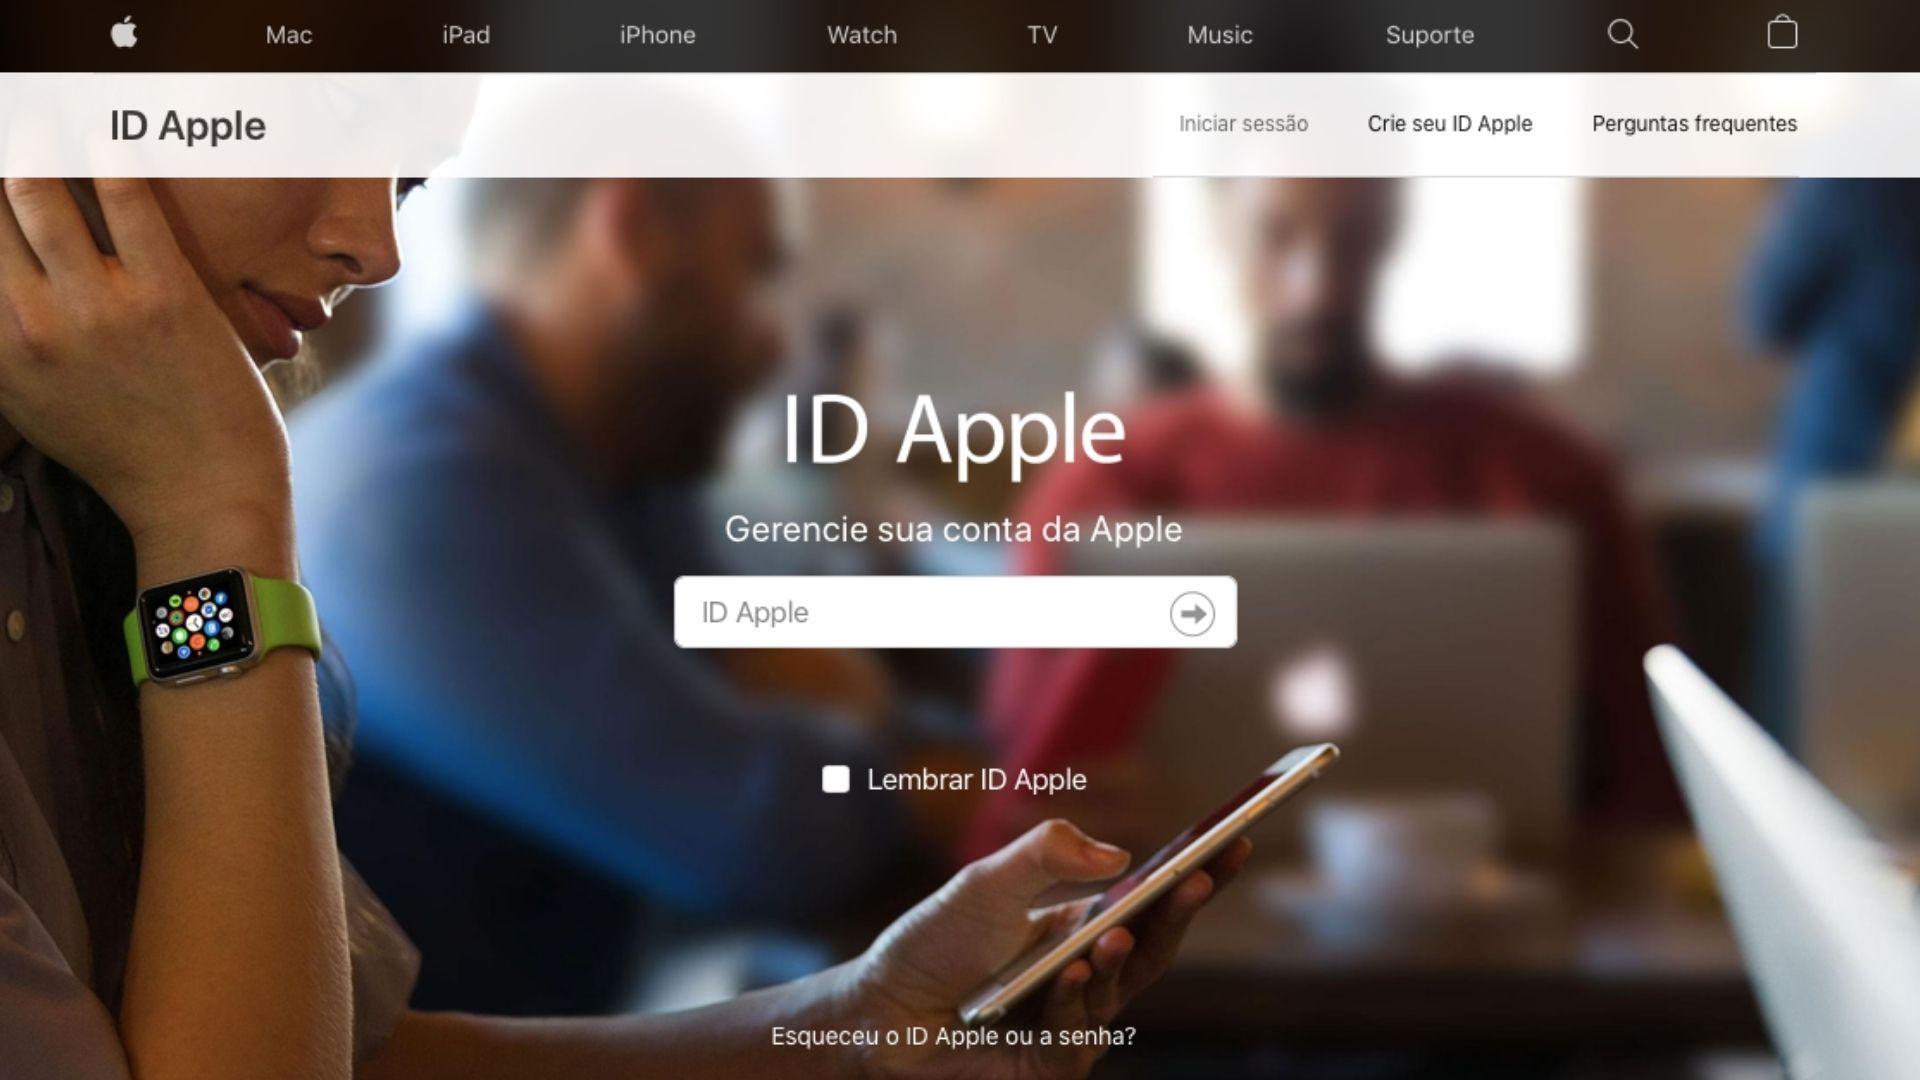 Para usar ao máximo seus dispositivos, é preciso criar ID Apple (Reprodução / Apple)